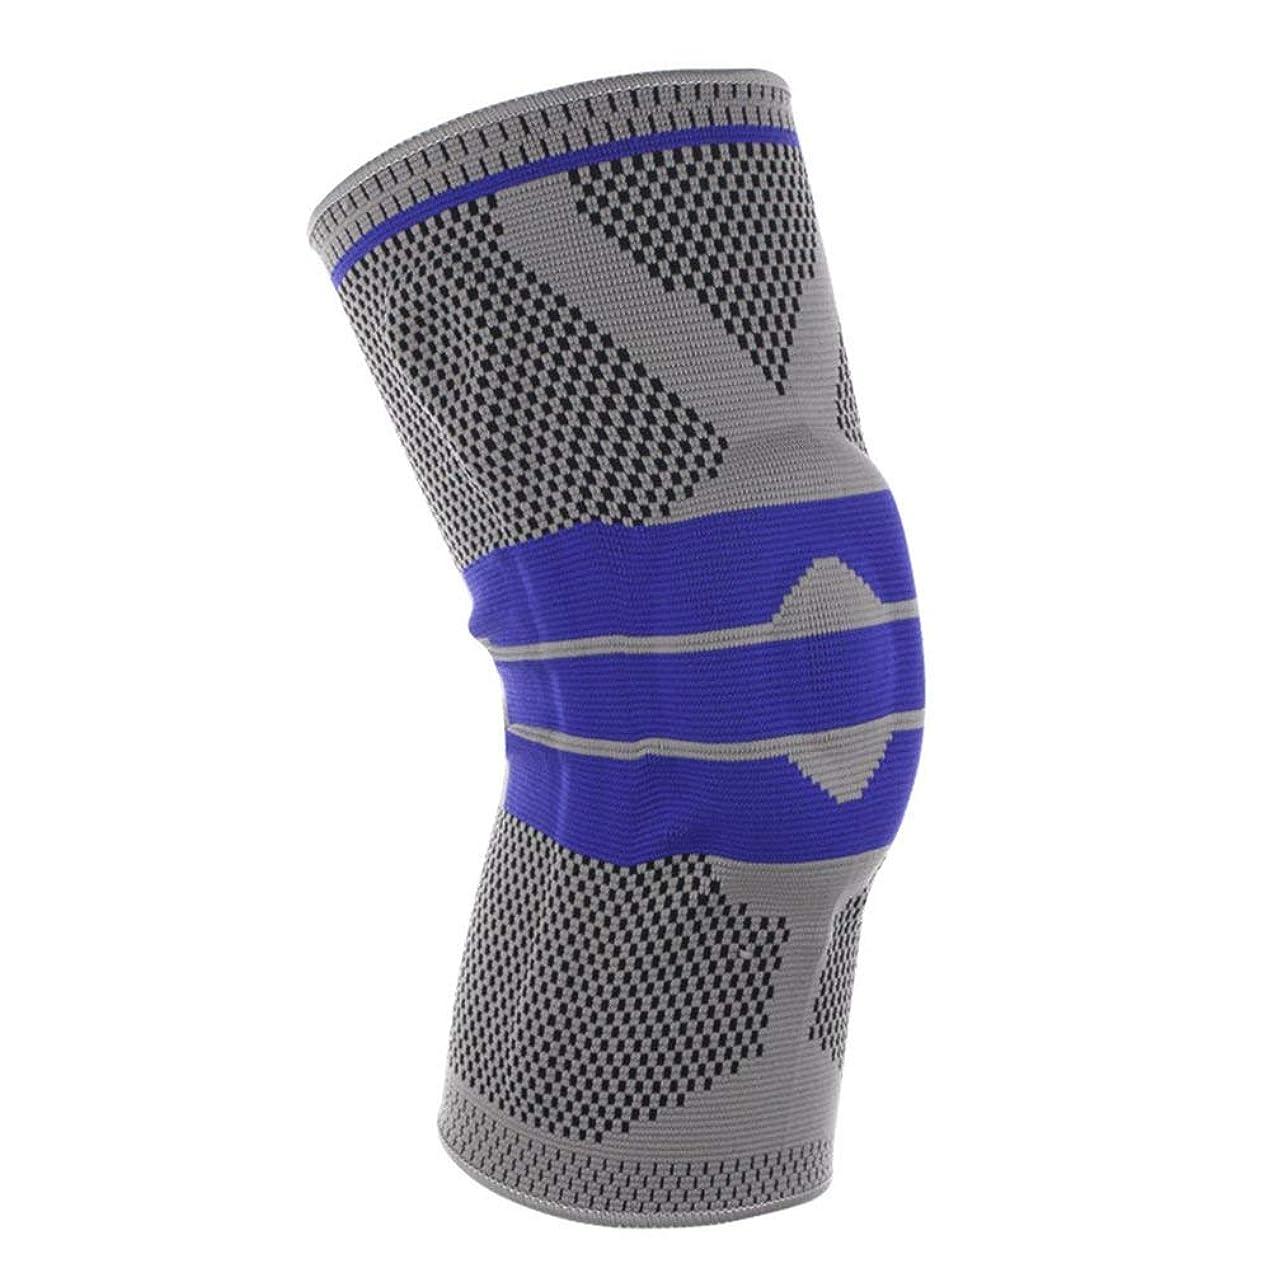 夢本質的ではない熱フル膝プロテクター秋冬フルシーズン弾性通気性膝パッドレリーフ防止スポーツ膝サポートブレース - グレーL